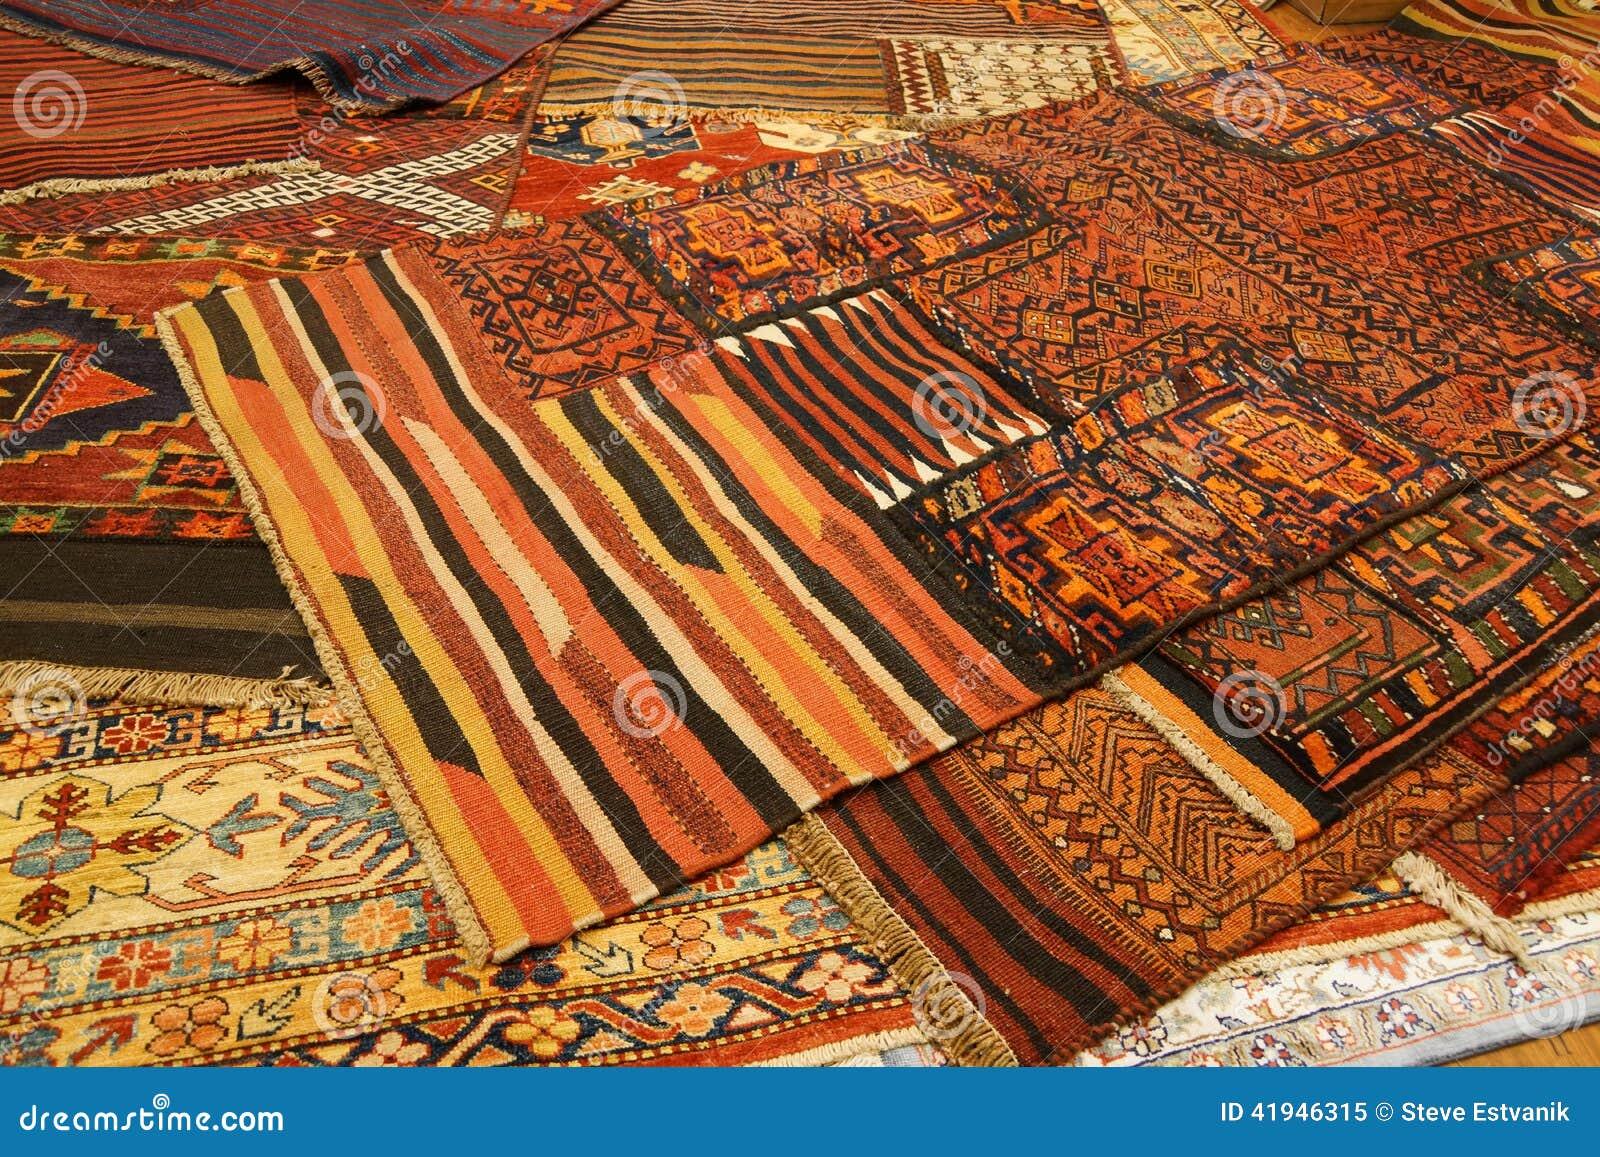 Tapis De Recouvrement Avec Les Mod Les Kurdes Complexes Photo Stock Image 41946315